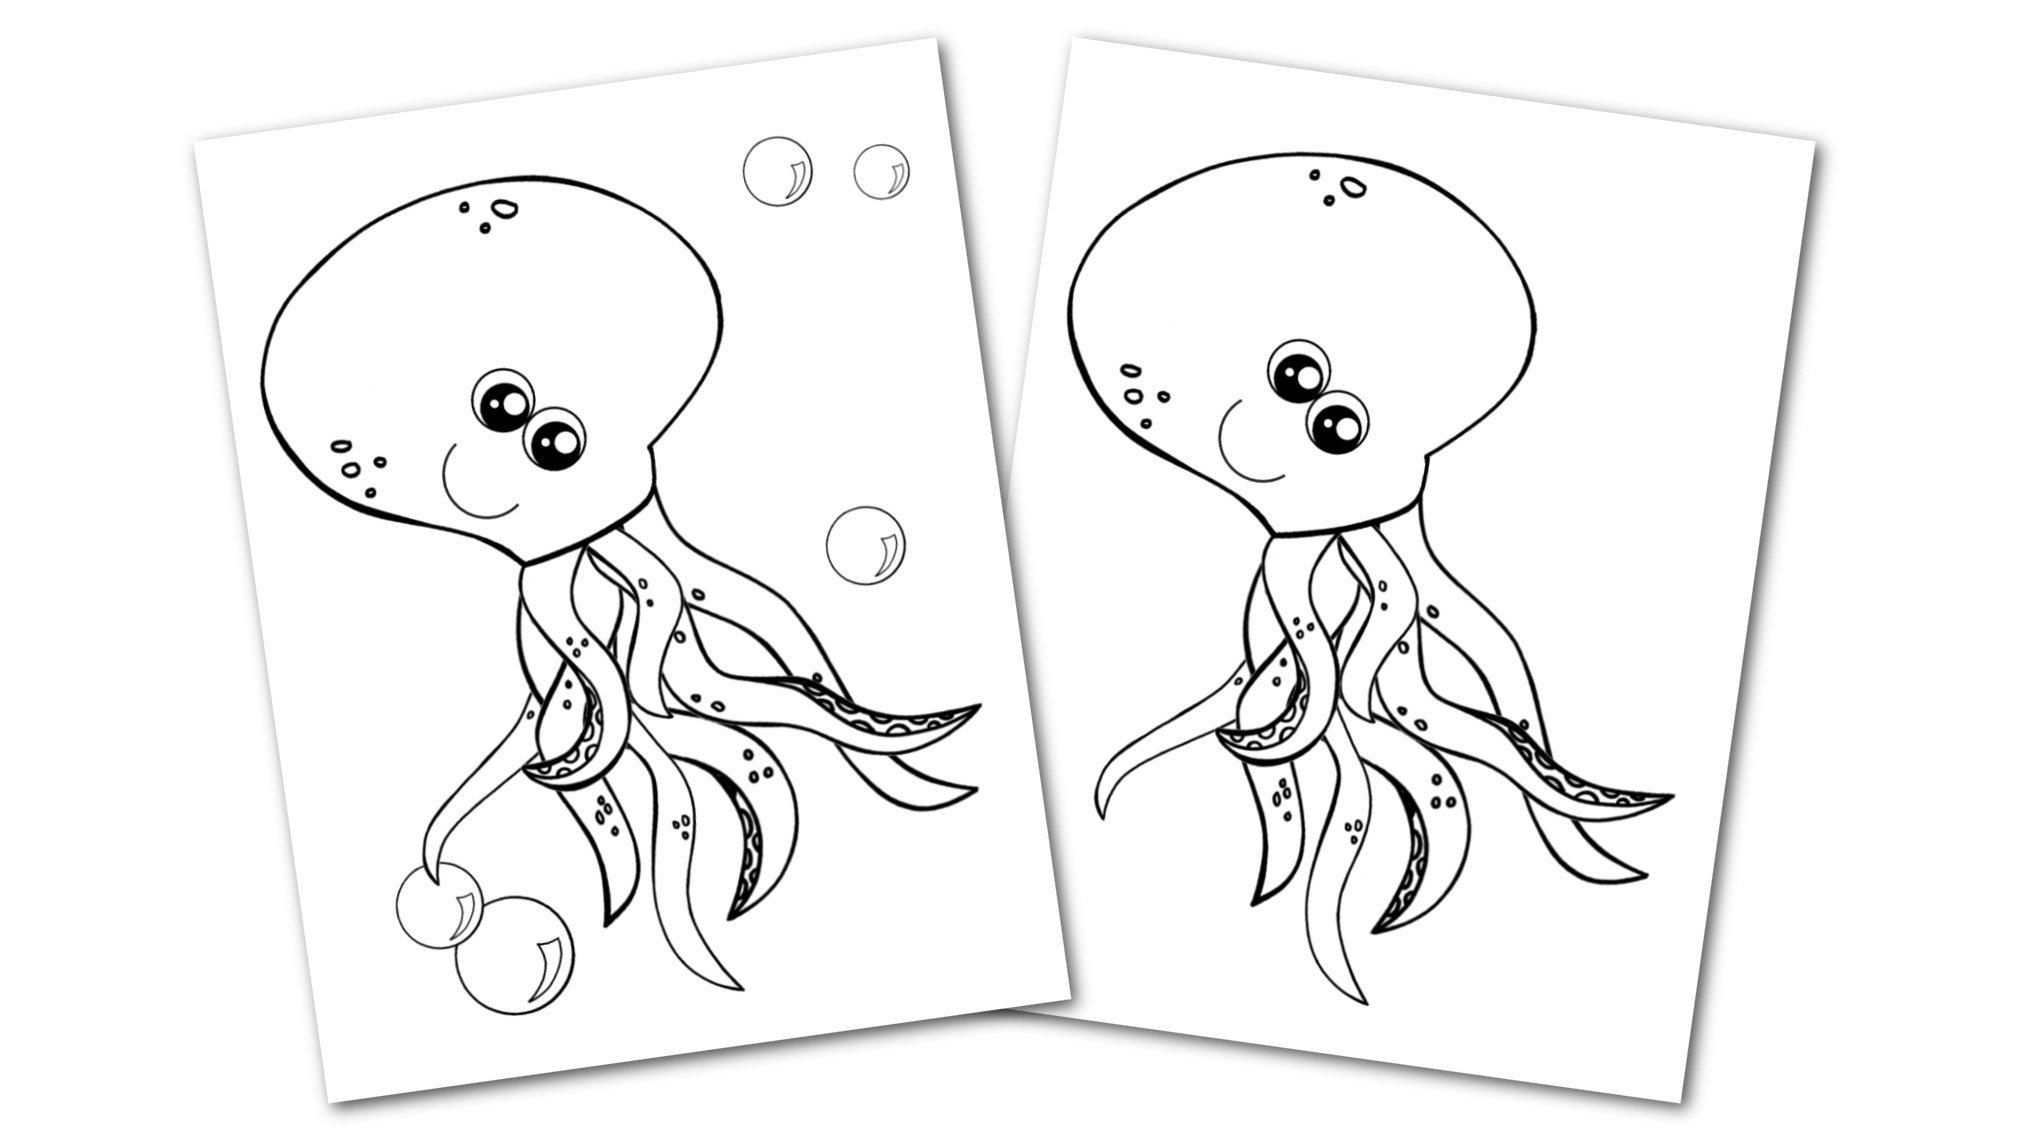 Free Printable Octopus Ocean Animal Convertkit for Toddlers, Kids and Preschoolers